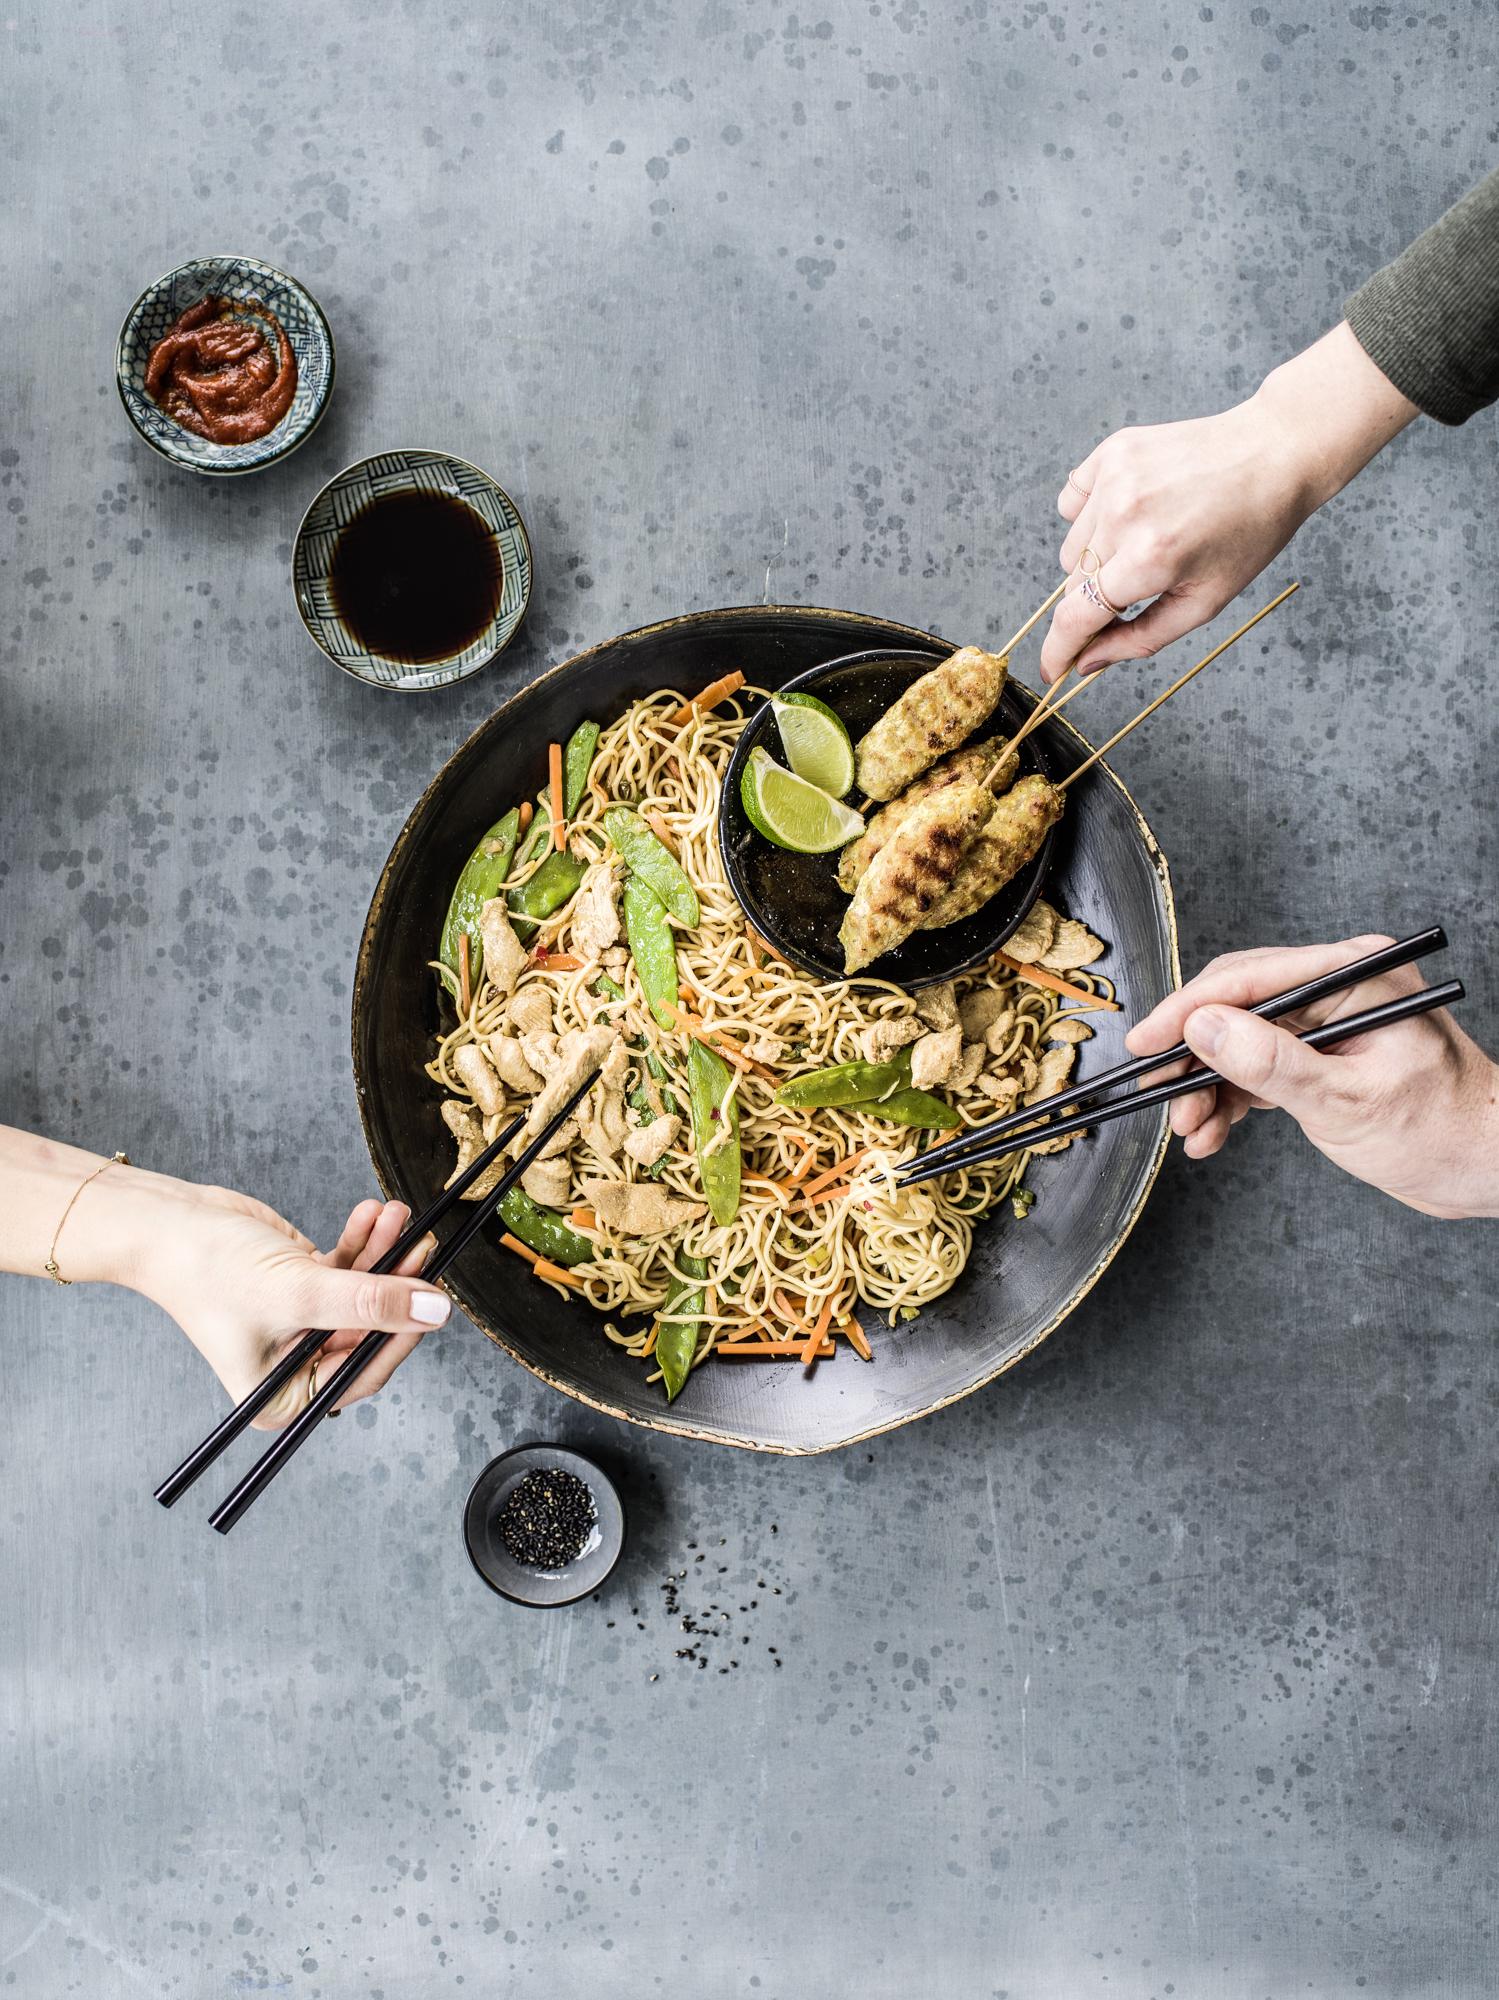 Food-Fotografie Bowls, Stefan Schmidlin Fotograf Basel; Bild 14.jpg